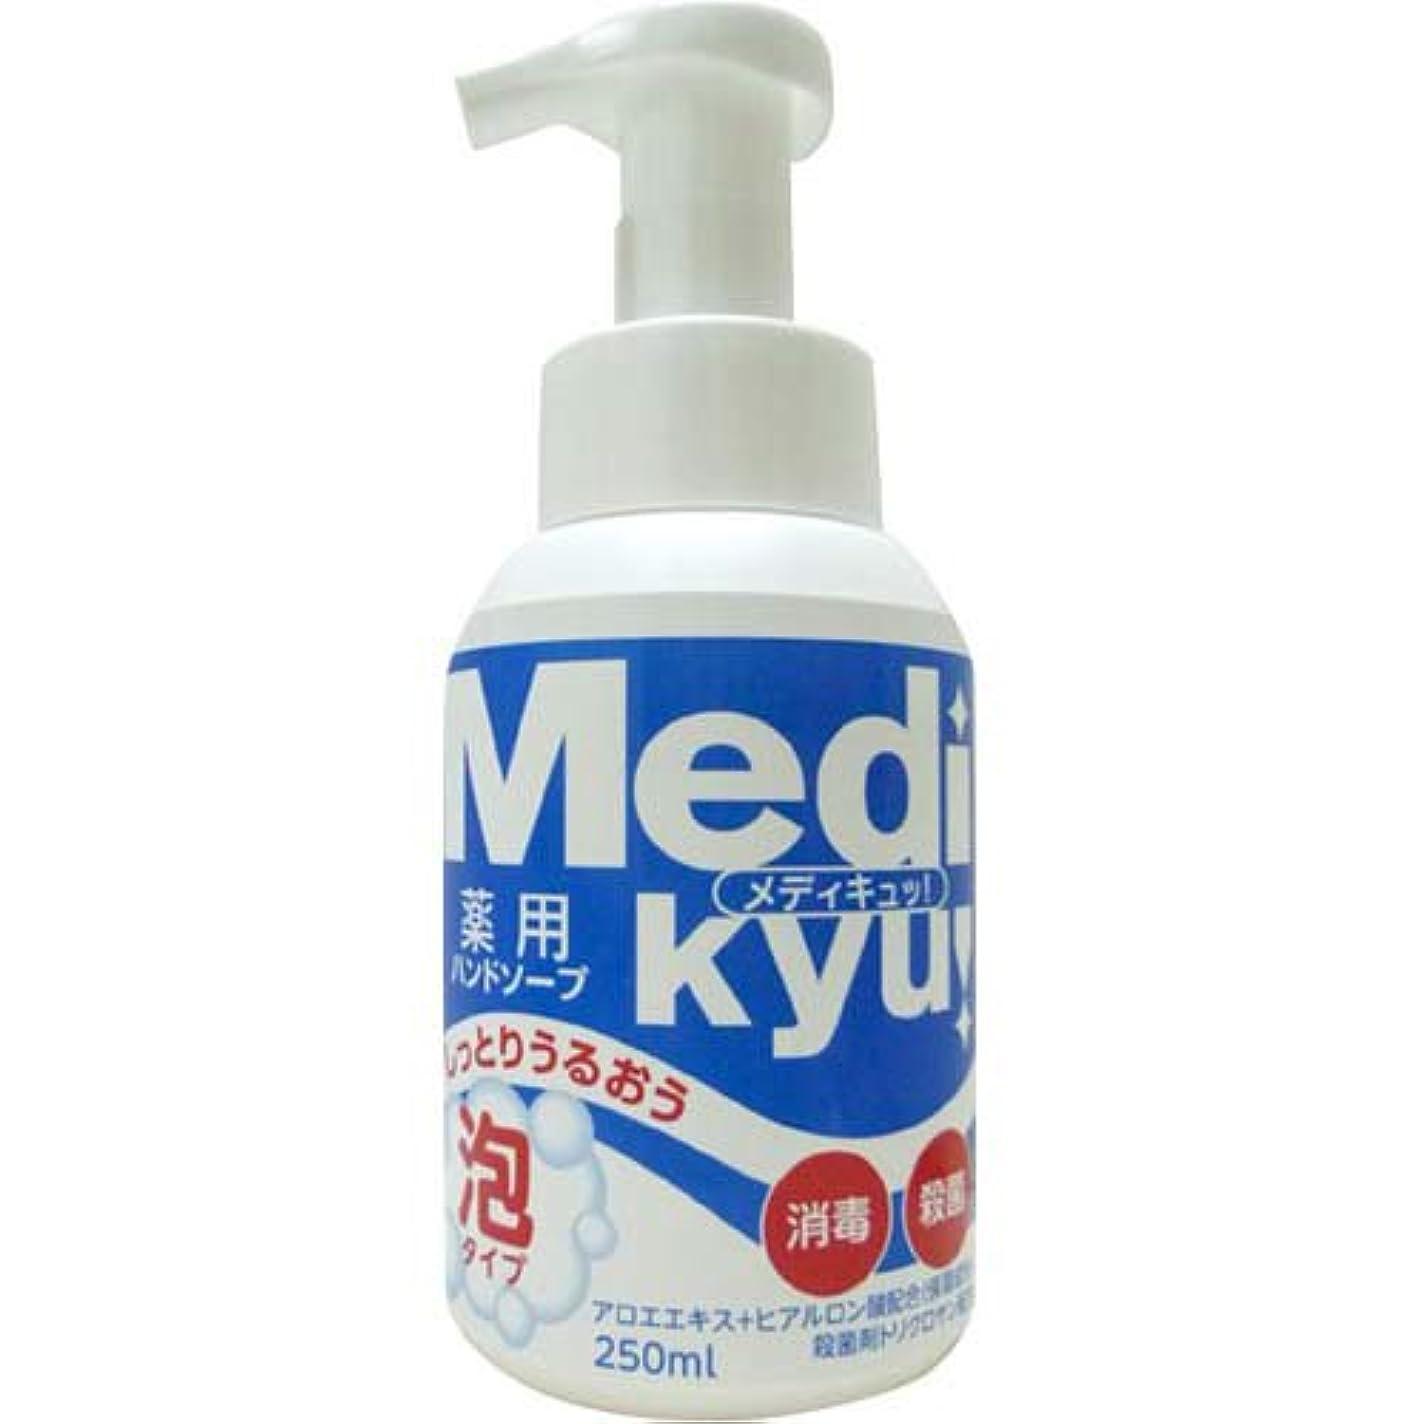 悩み賞賛する経験者メディキュッ 泡ハンドソープ 250ML [医薬部外品]